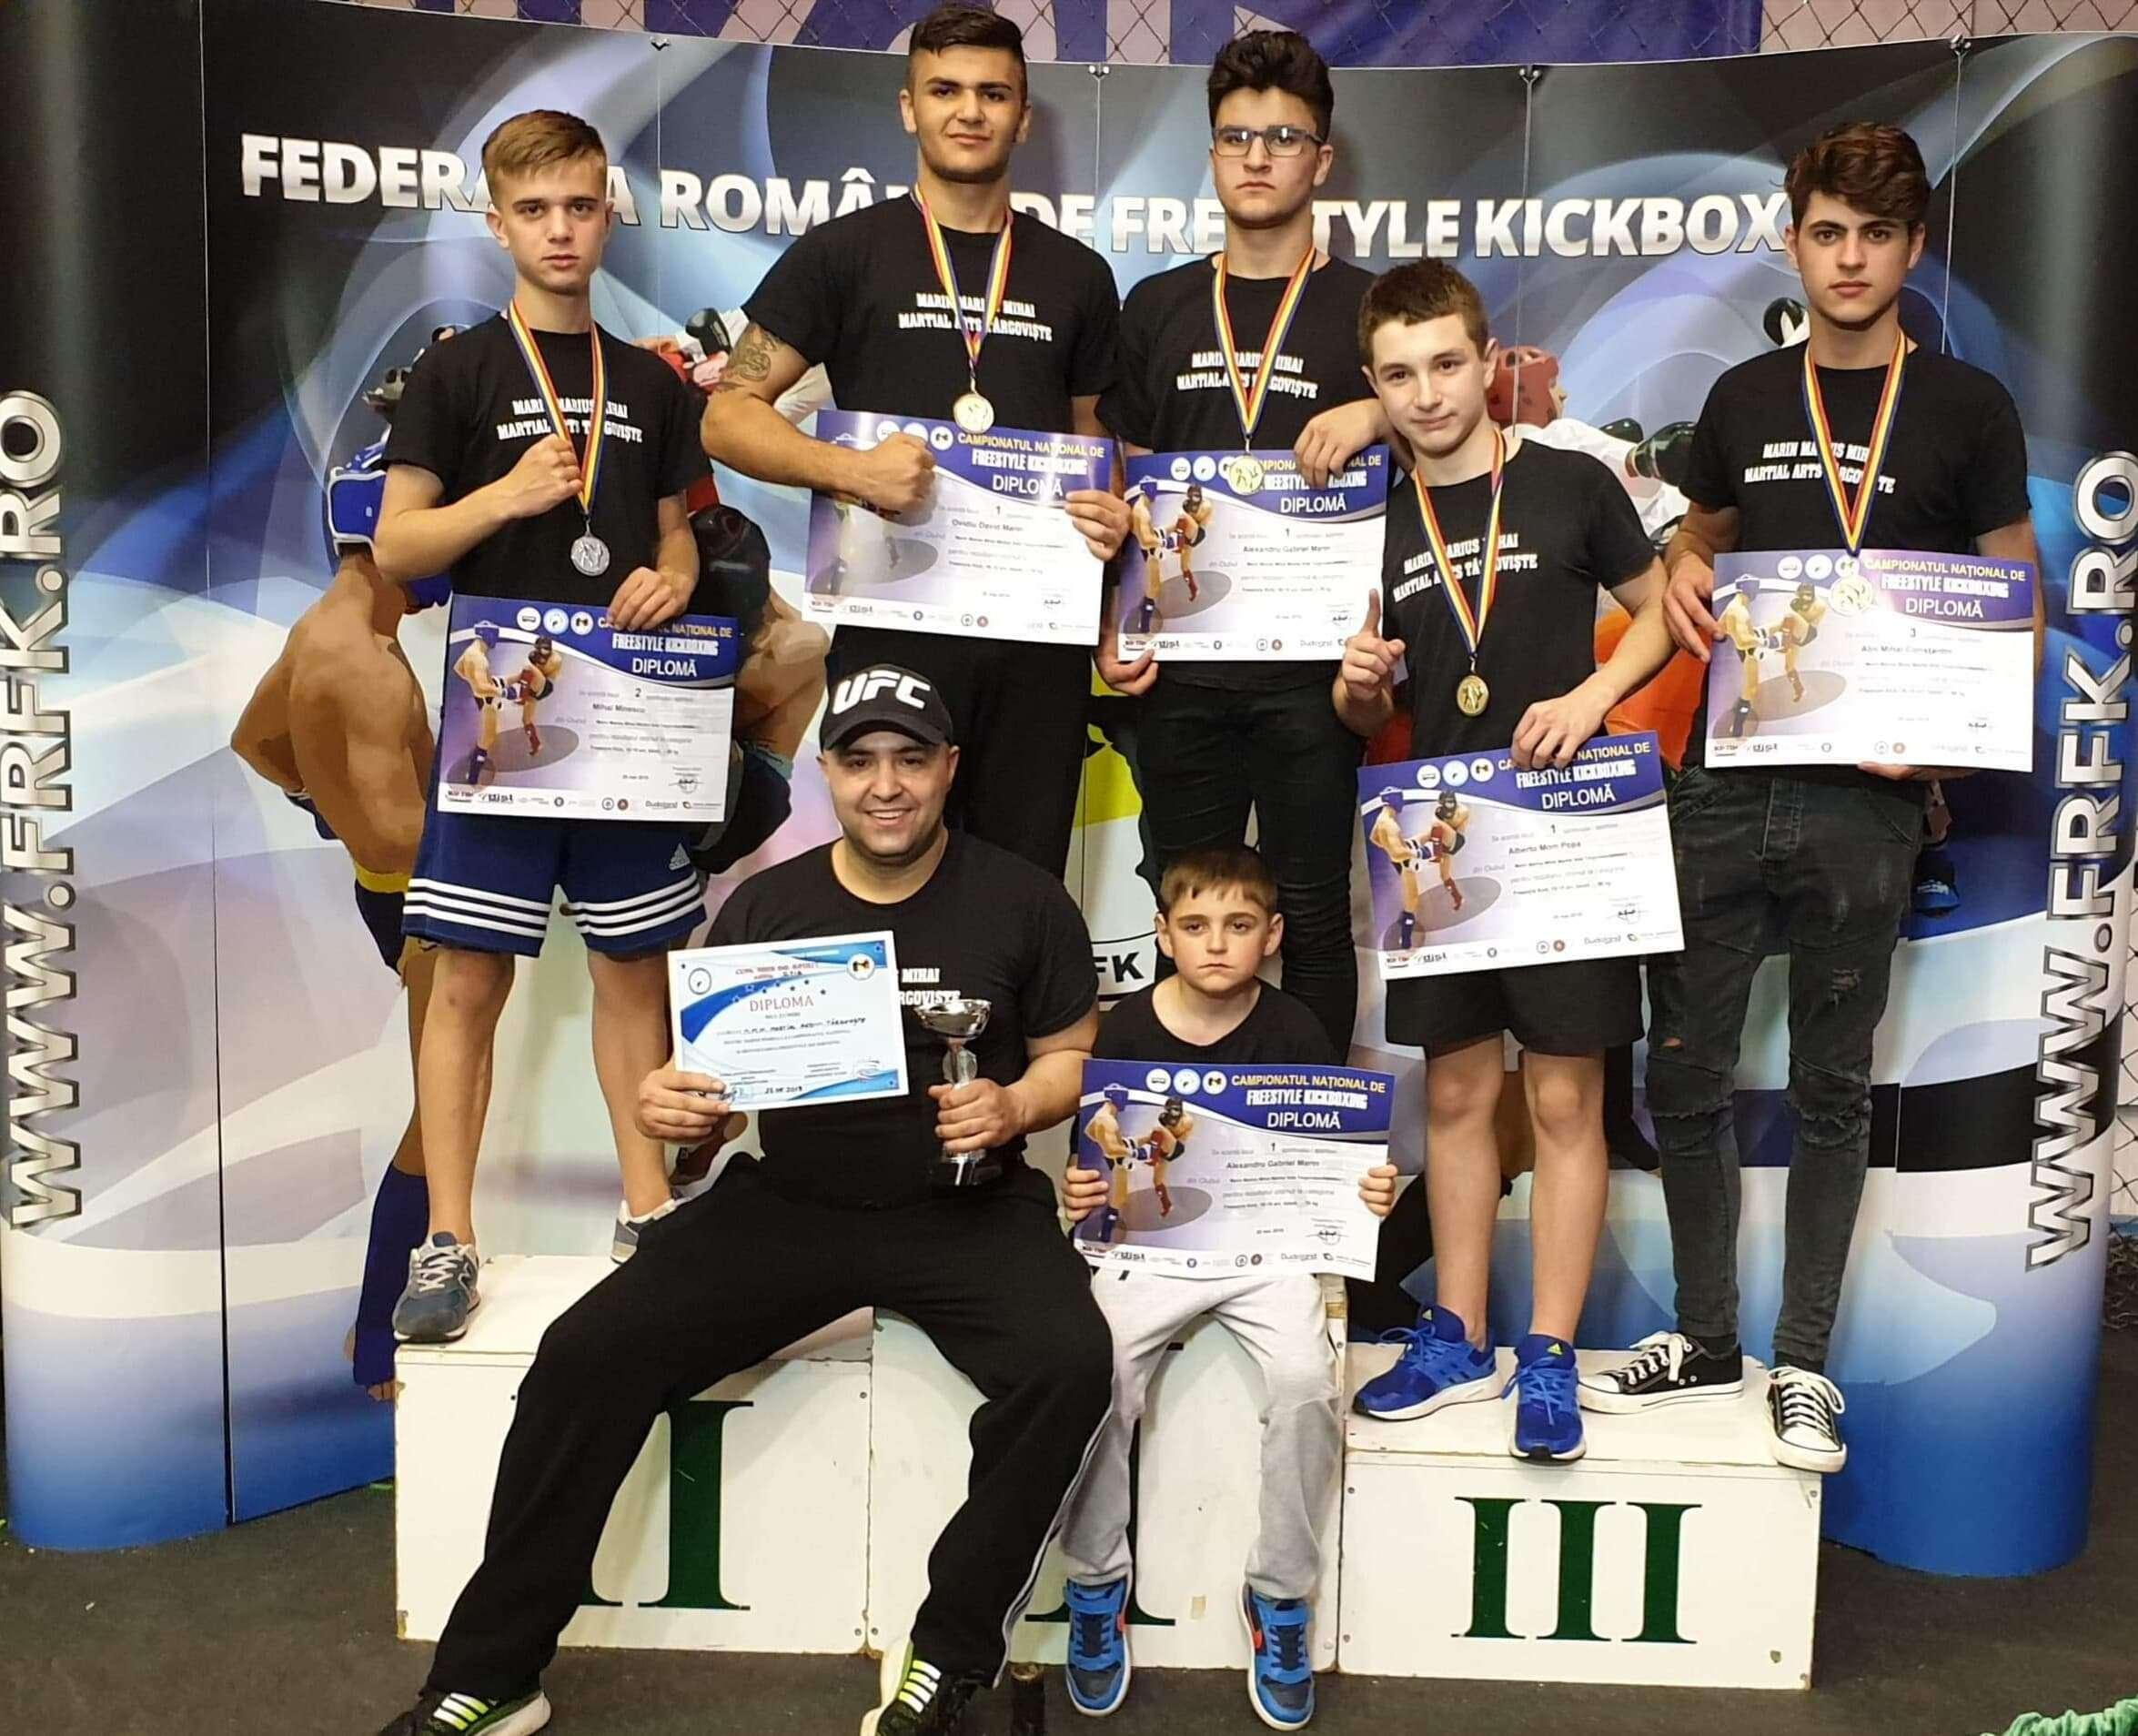 Familia Marin câștigă din nou medalii la Campionatul de Freestyle Kickboxing